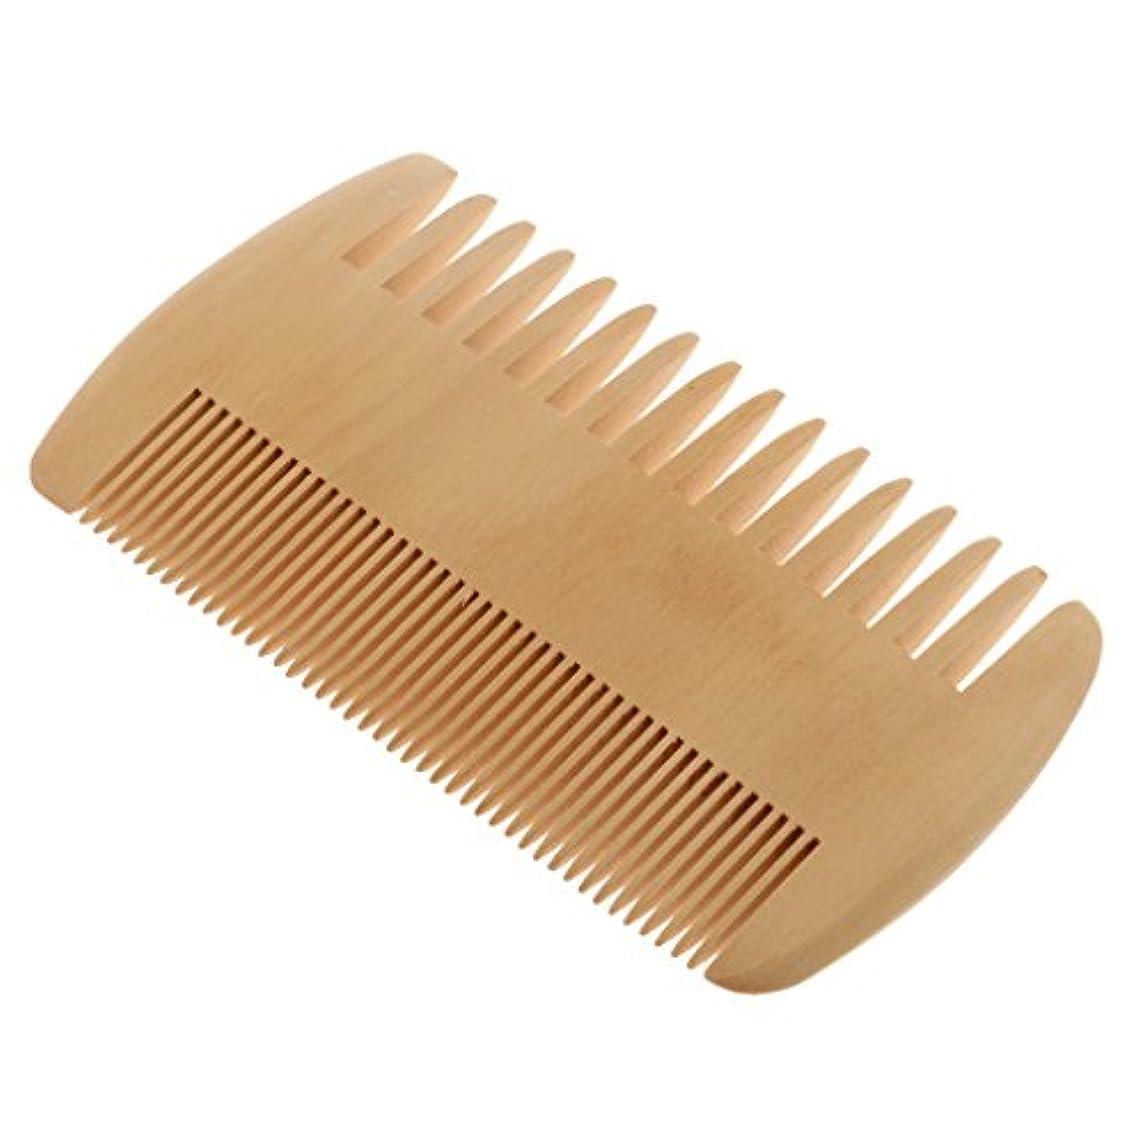 ニックネーム仕事に行くペデスタルToygogo ヘアコーム 木製コーム 木製櫛 ポケットコーム マッサージの櫛 帯電防止 2倍 密度の歯